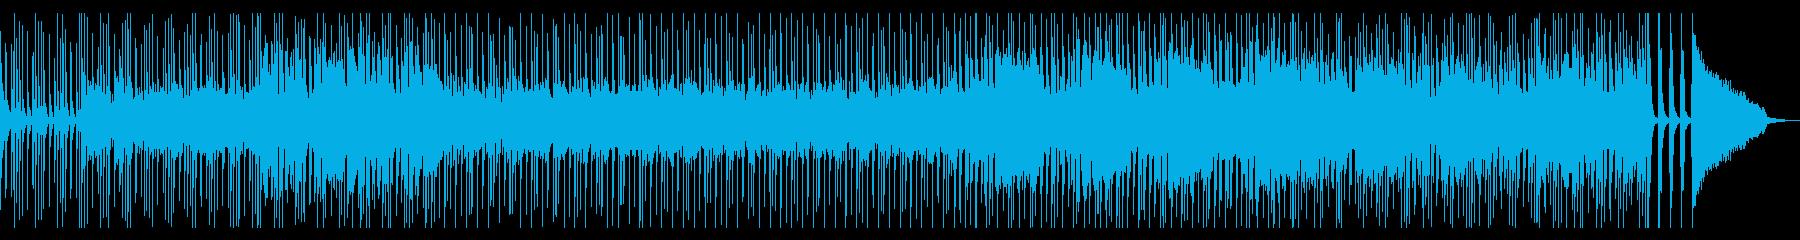 アップテンポで元気なブラスロックンロールの再生済みの波形